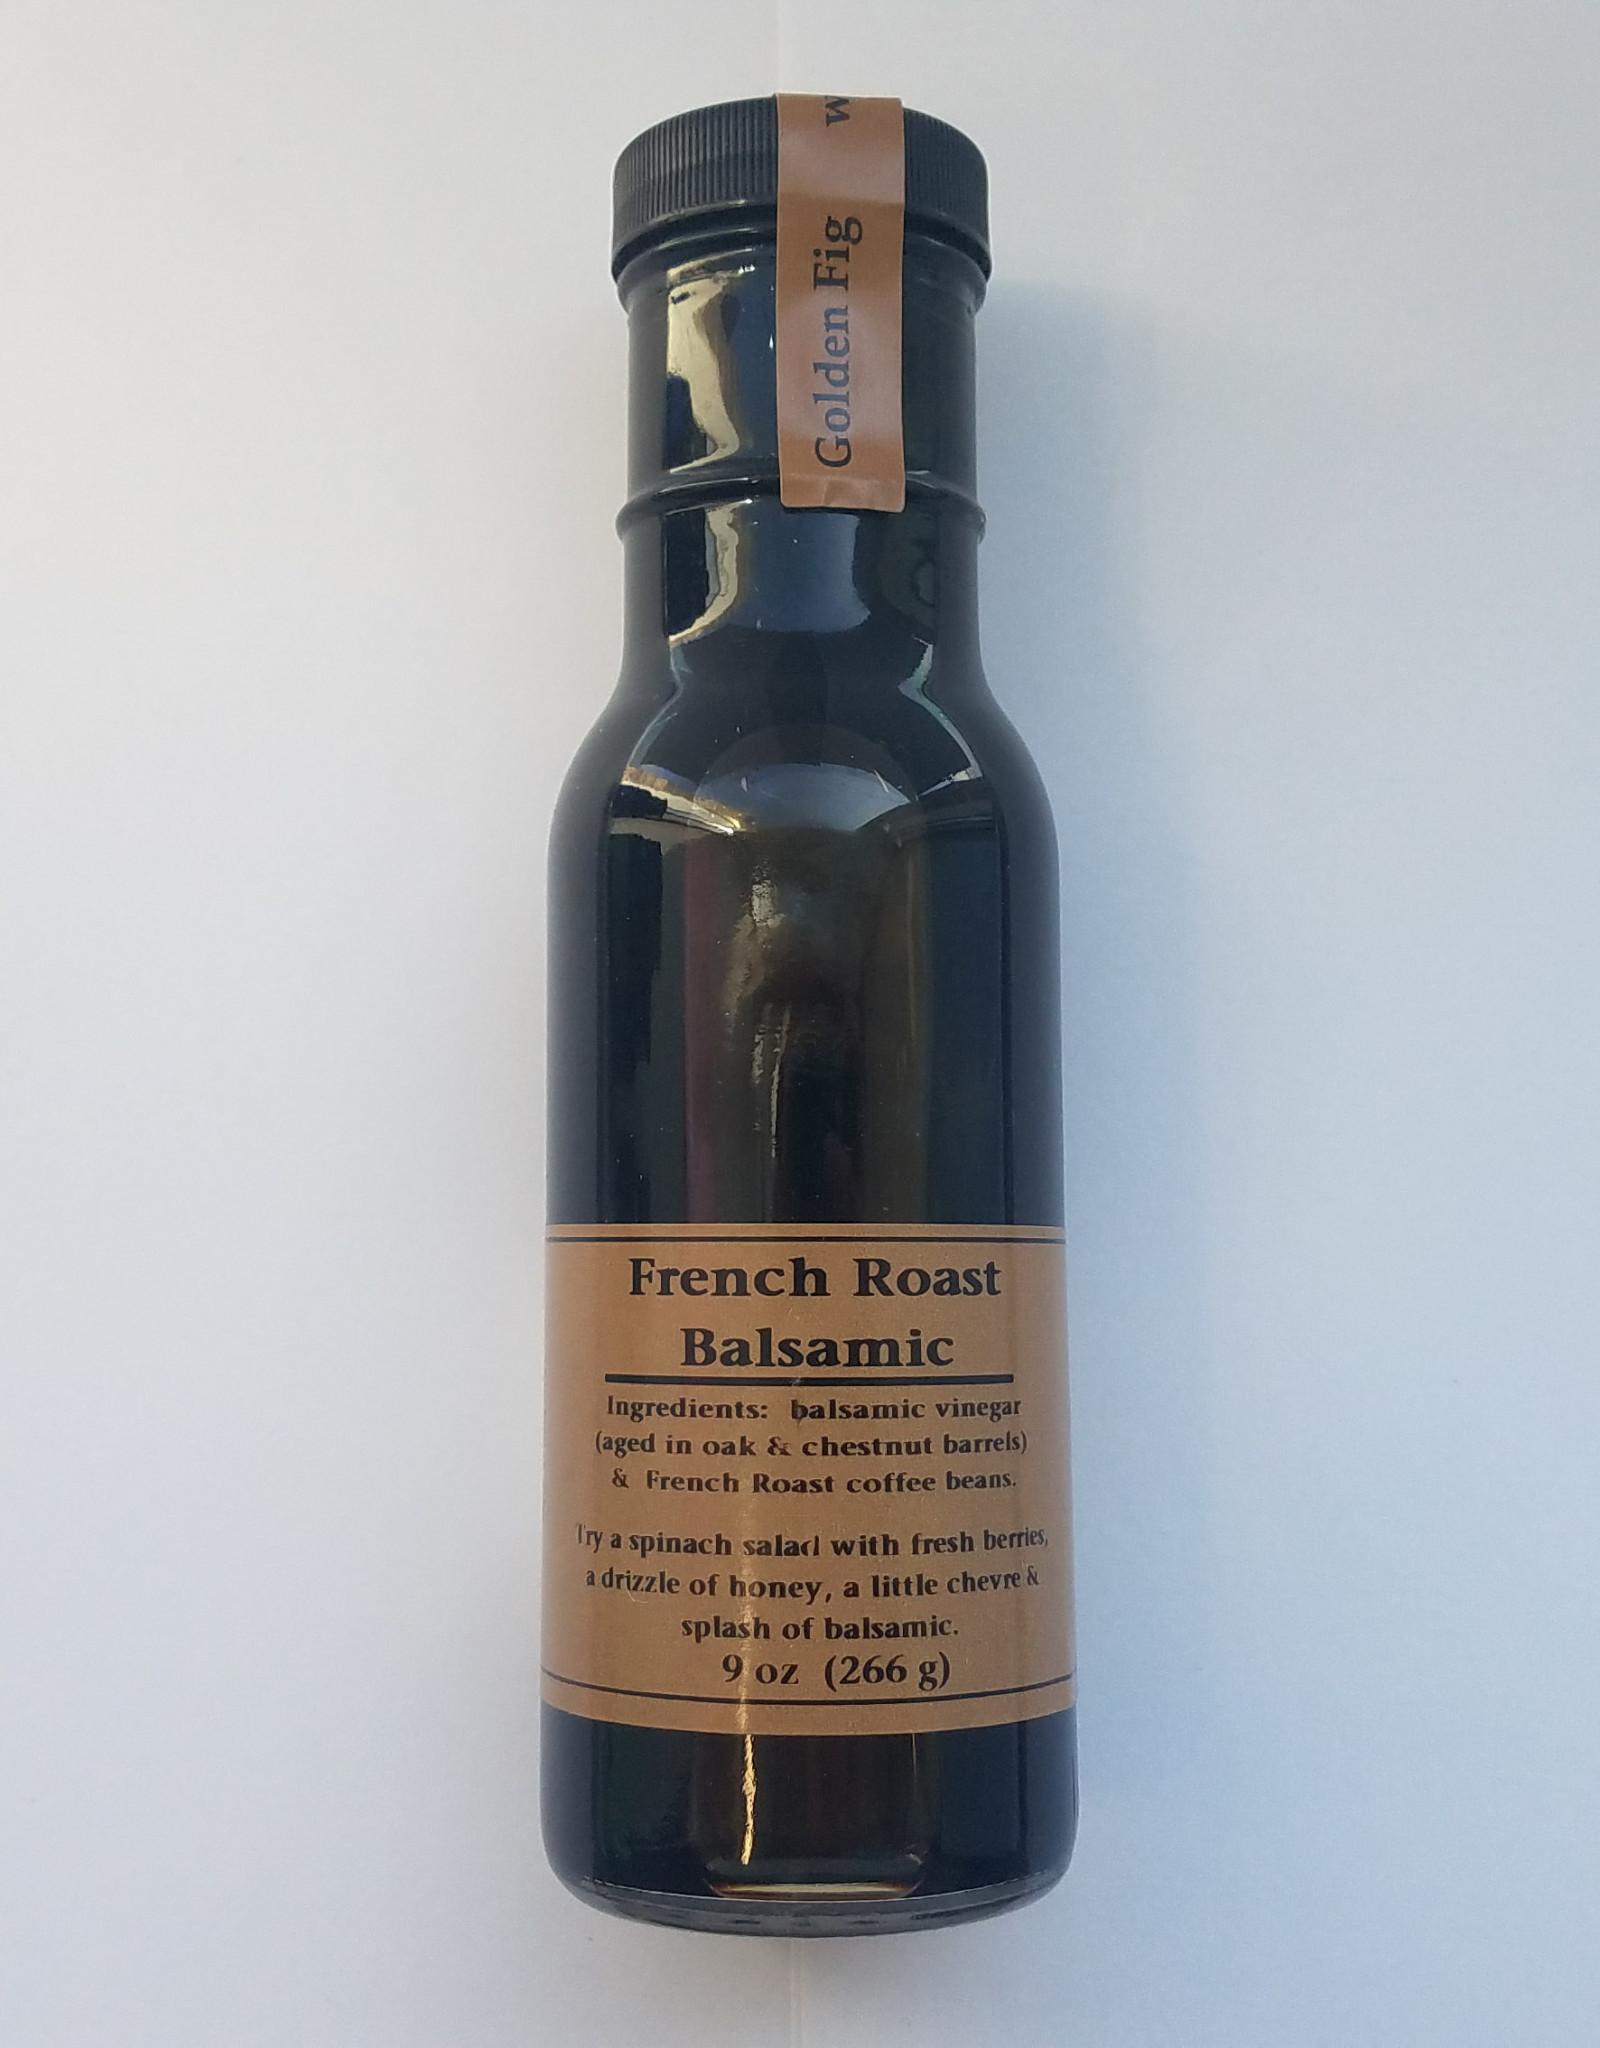 Golden Fig French Roast Balsamic Vinegar